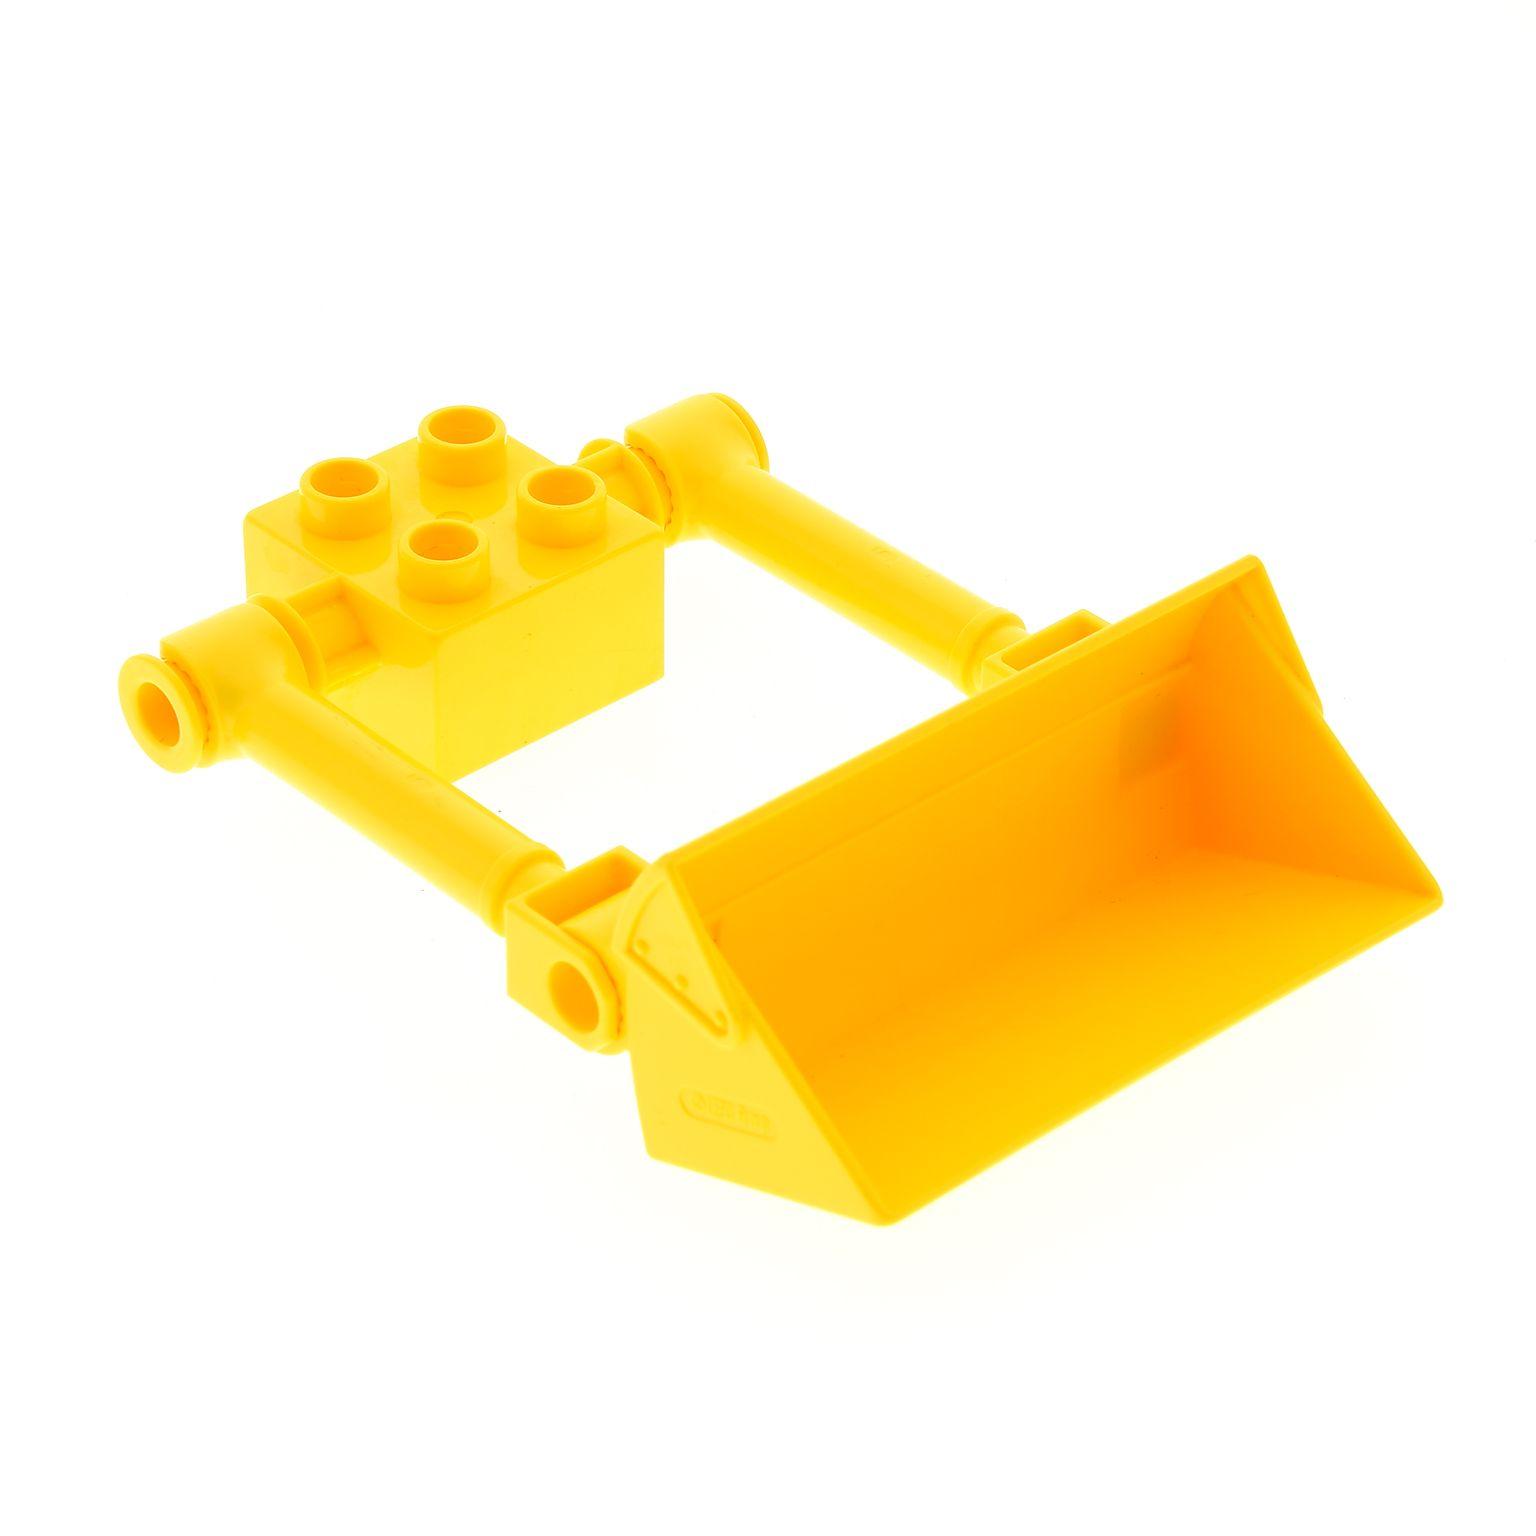 1 X Lego Brick Yellow Duplo Digger Bucket Big For Backhoe Scoop